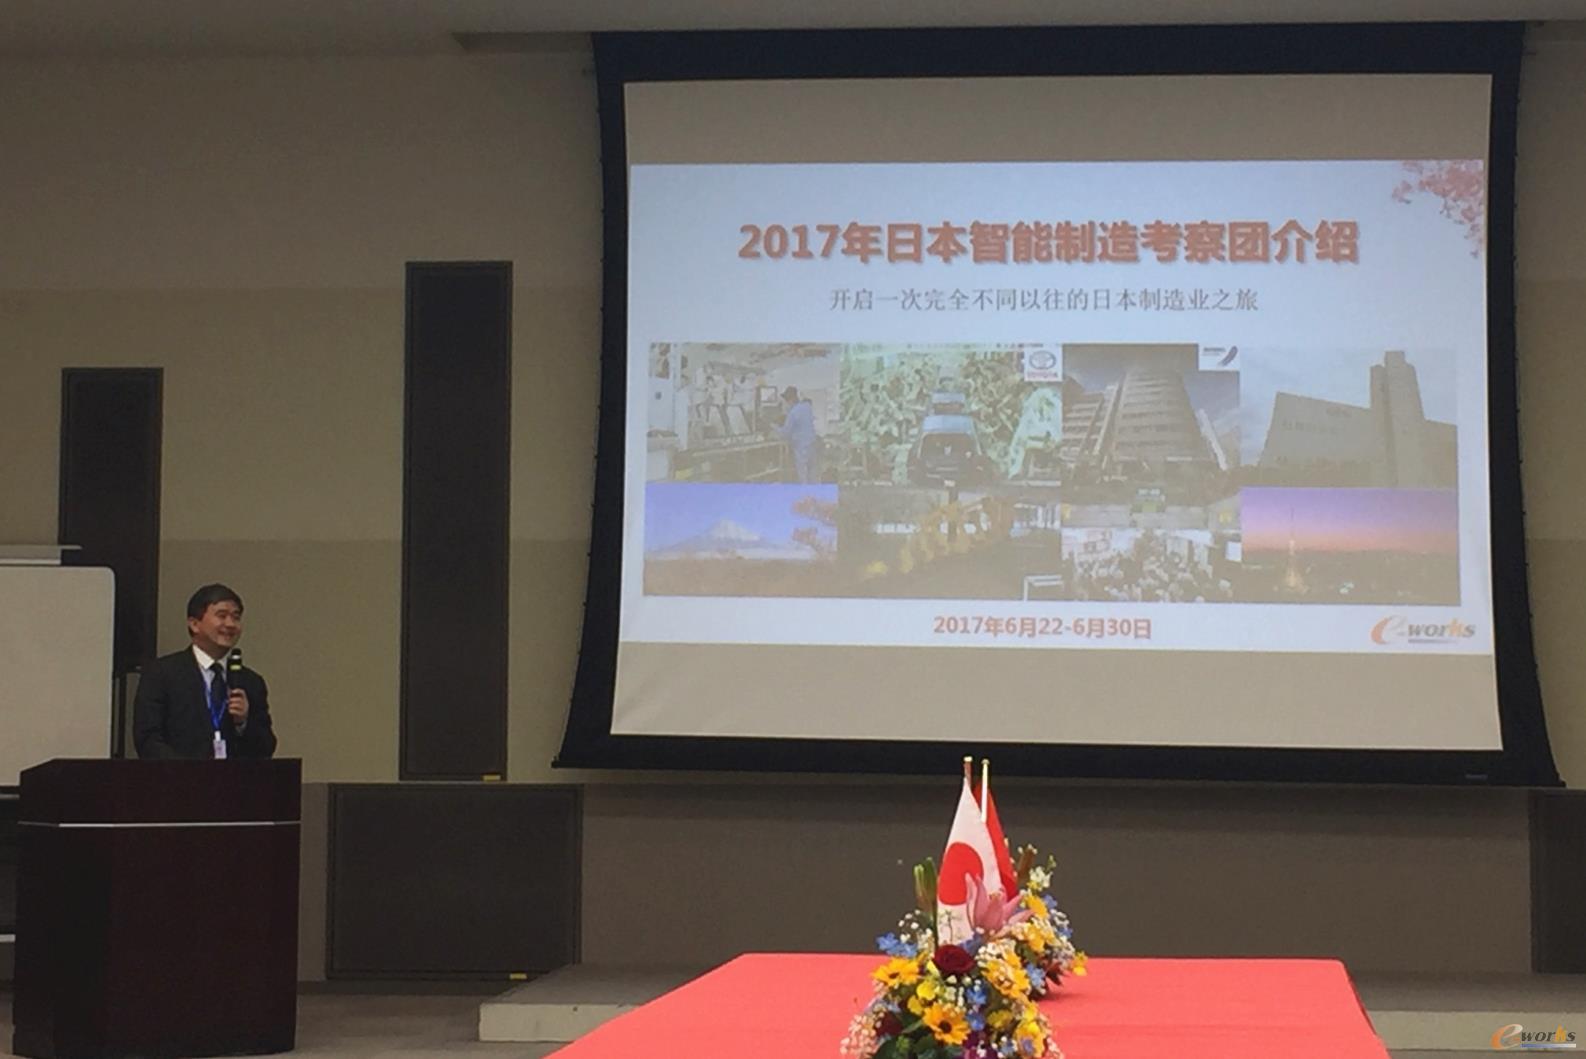 黄培博士介绍中国推进智能制造的情况